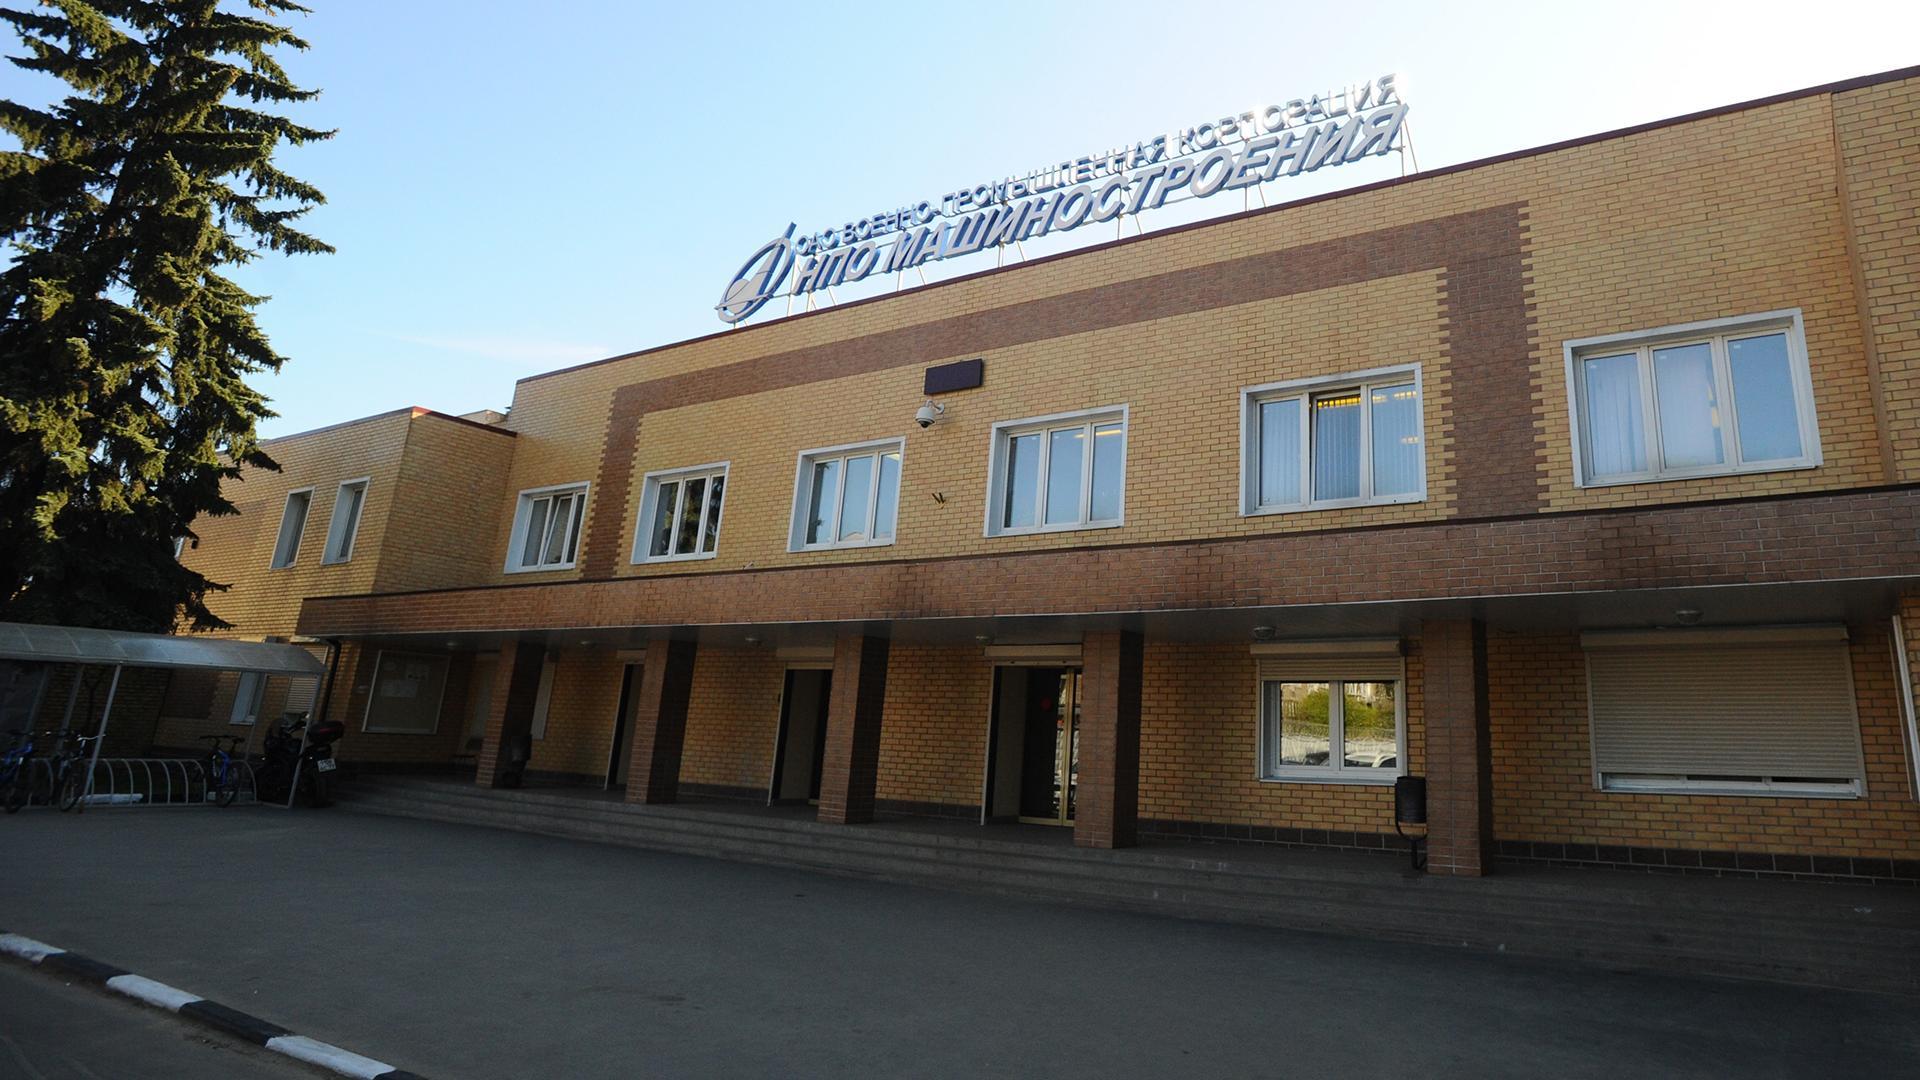 ВПК «НПО машиностроения».